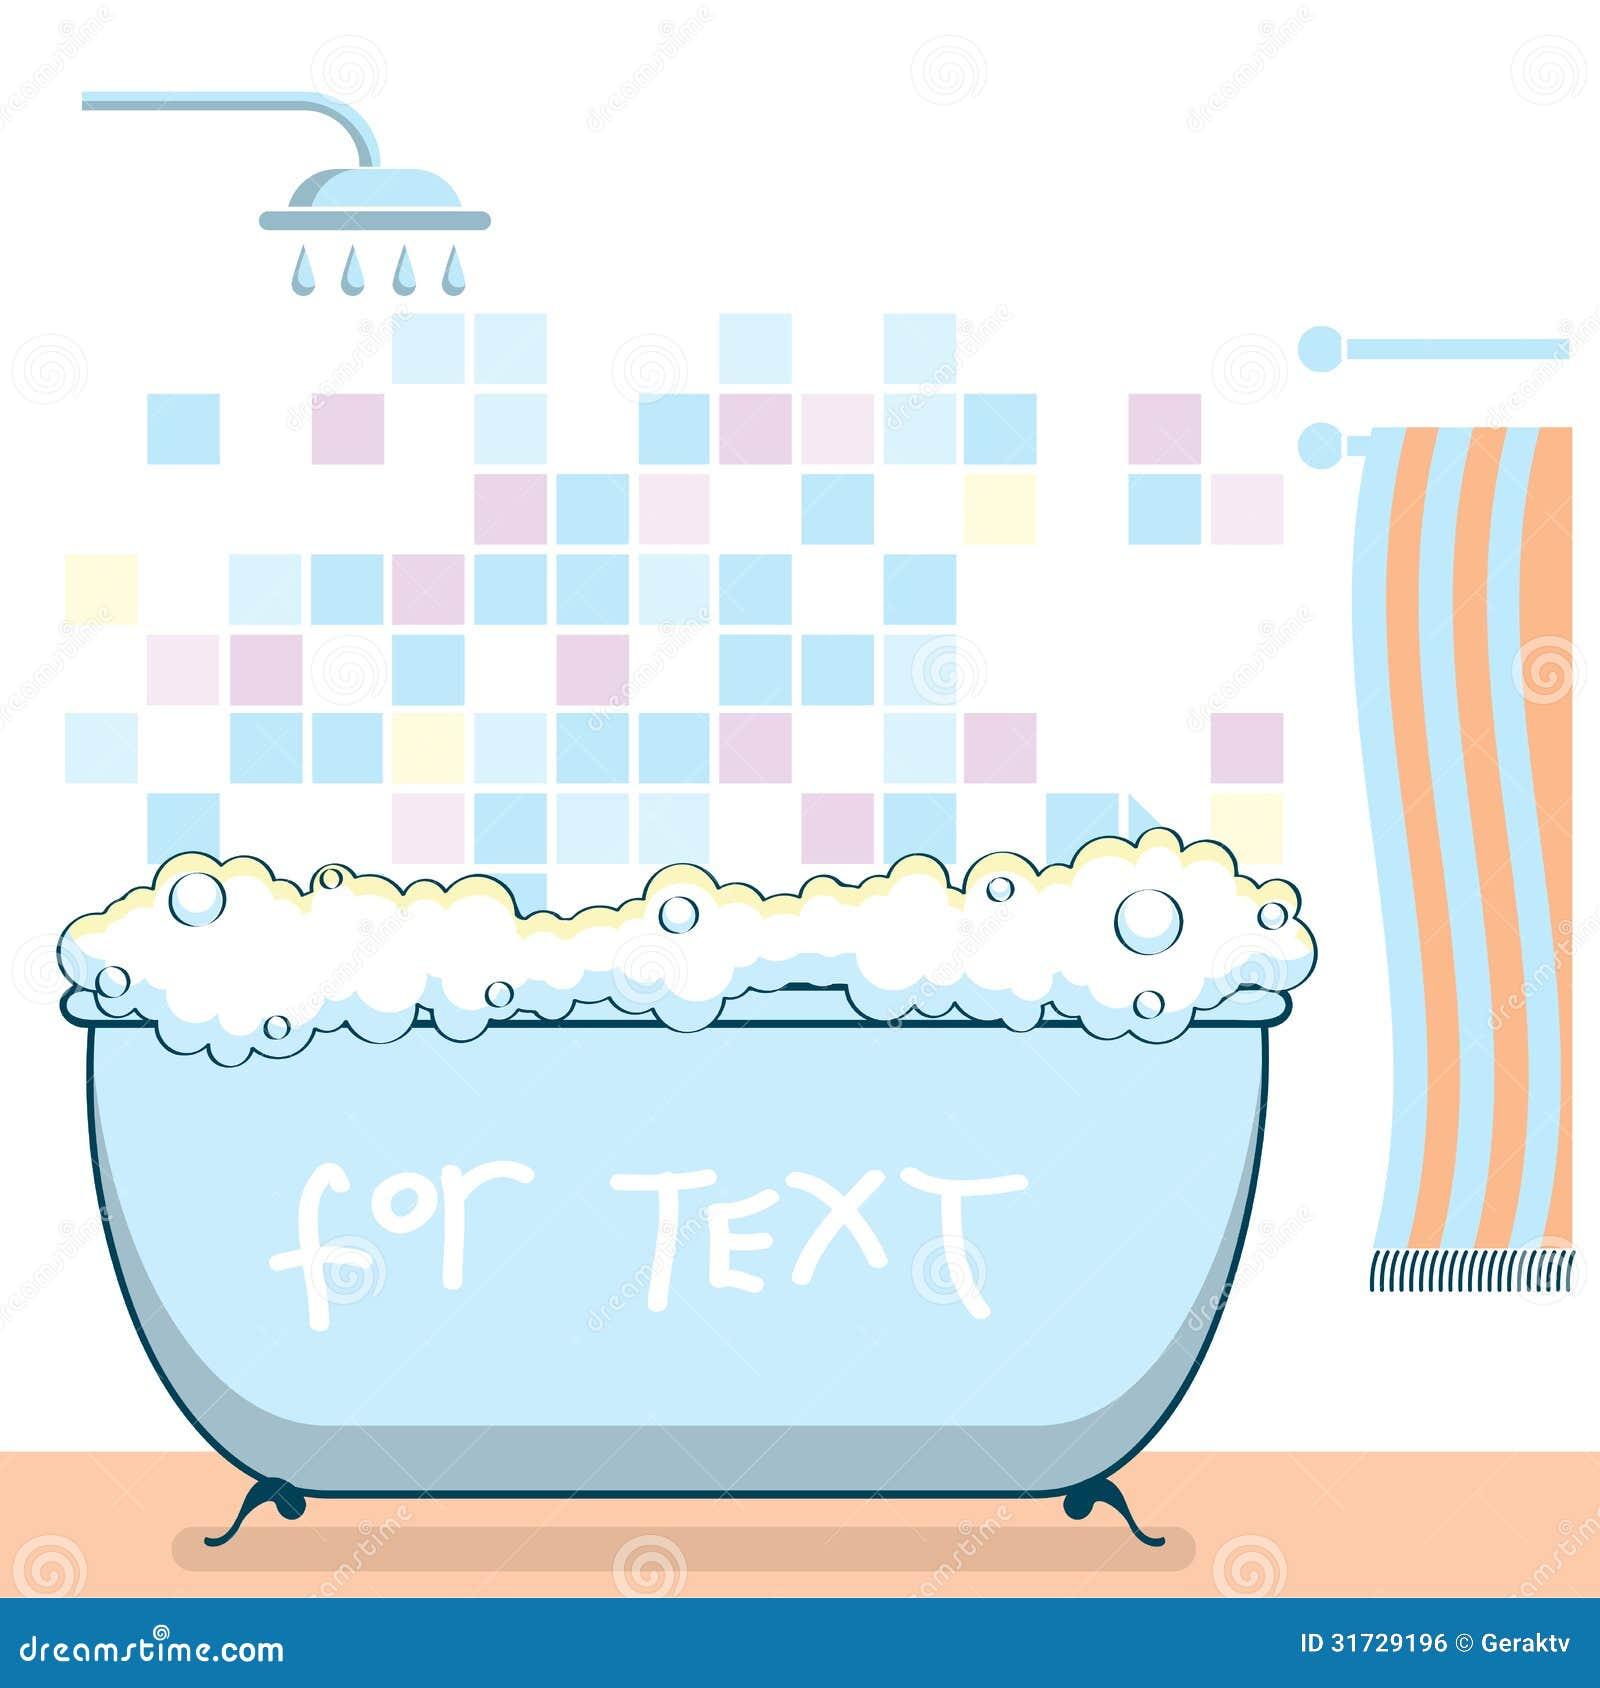 Ilustração Do Vetor Do Interior Do Banheiro Imagem de Stock Royalty Free  Im -> Banheiro Feminino Vetor Free